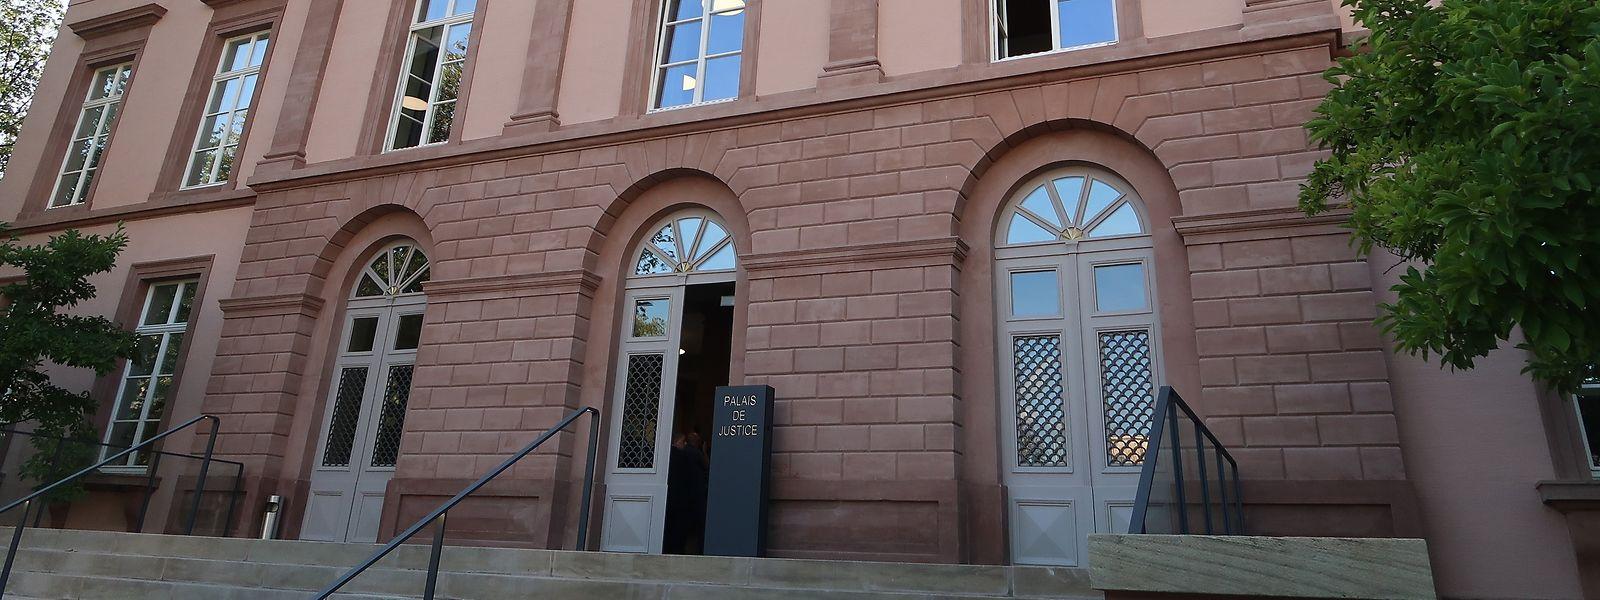 Das Urteil der Richter aus Diekirch ergeht am 3. Juni.